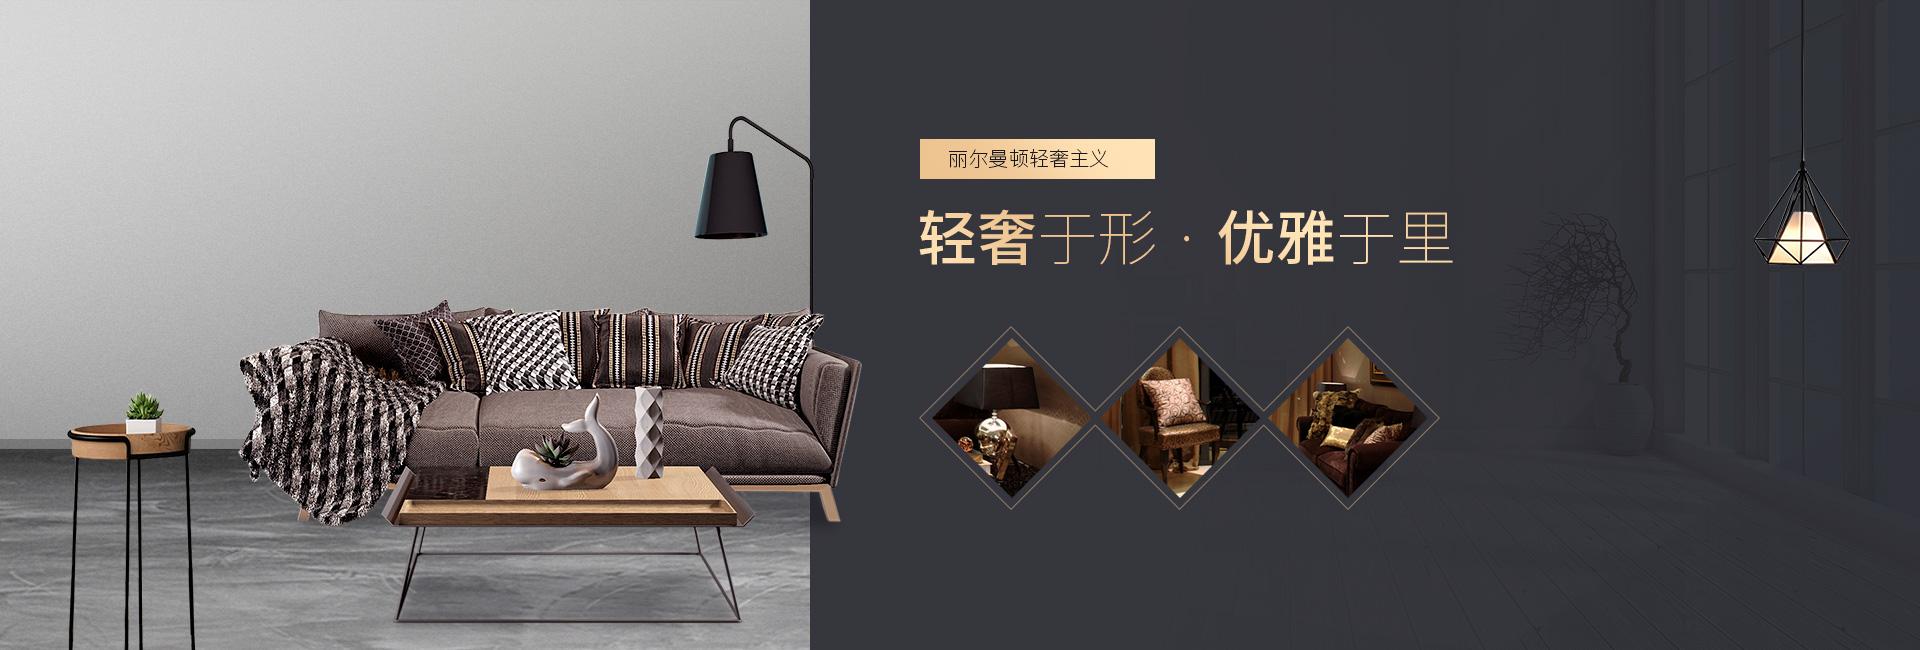 轻奢风全屋定制品牌哪个好_新中式装潢设计费用-湖南丽尔曼顿家居有限公司